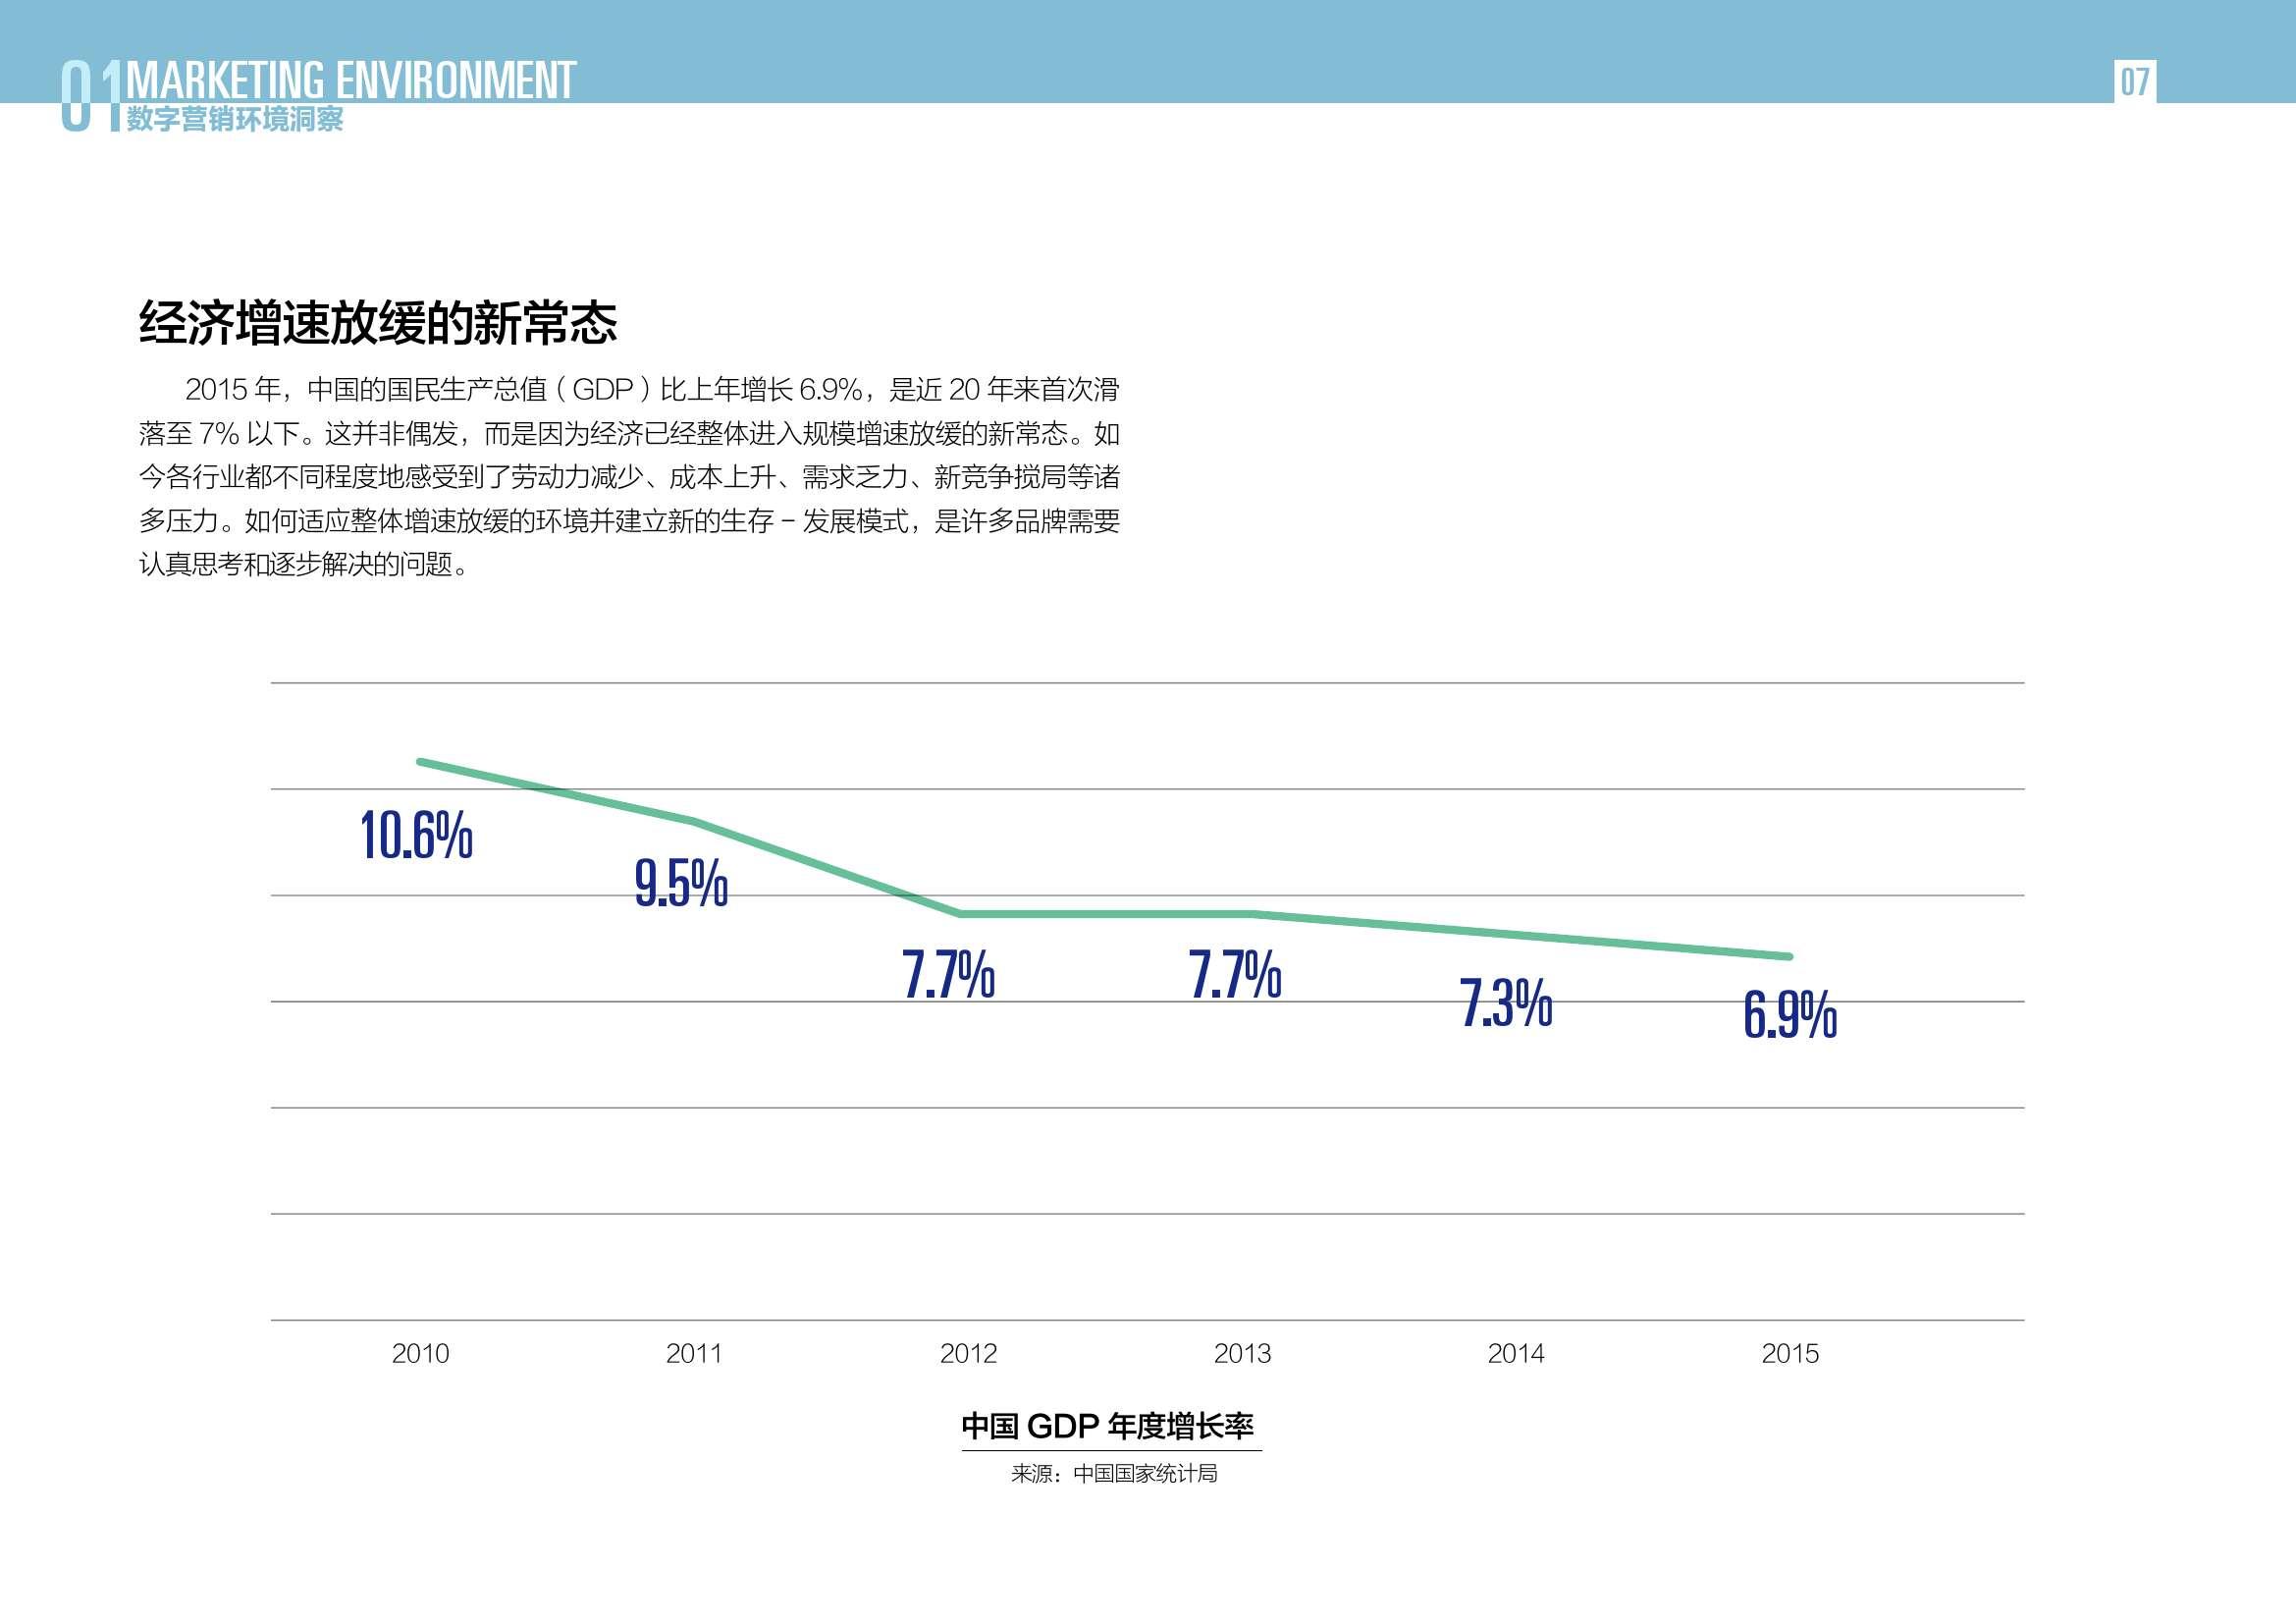 2016中国数字营销行动报告_000007